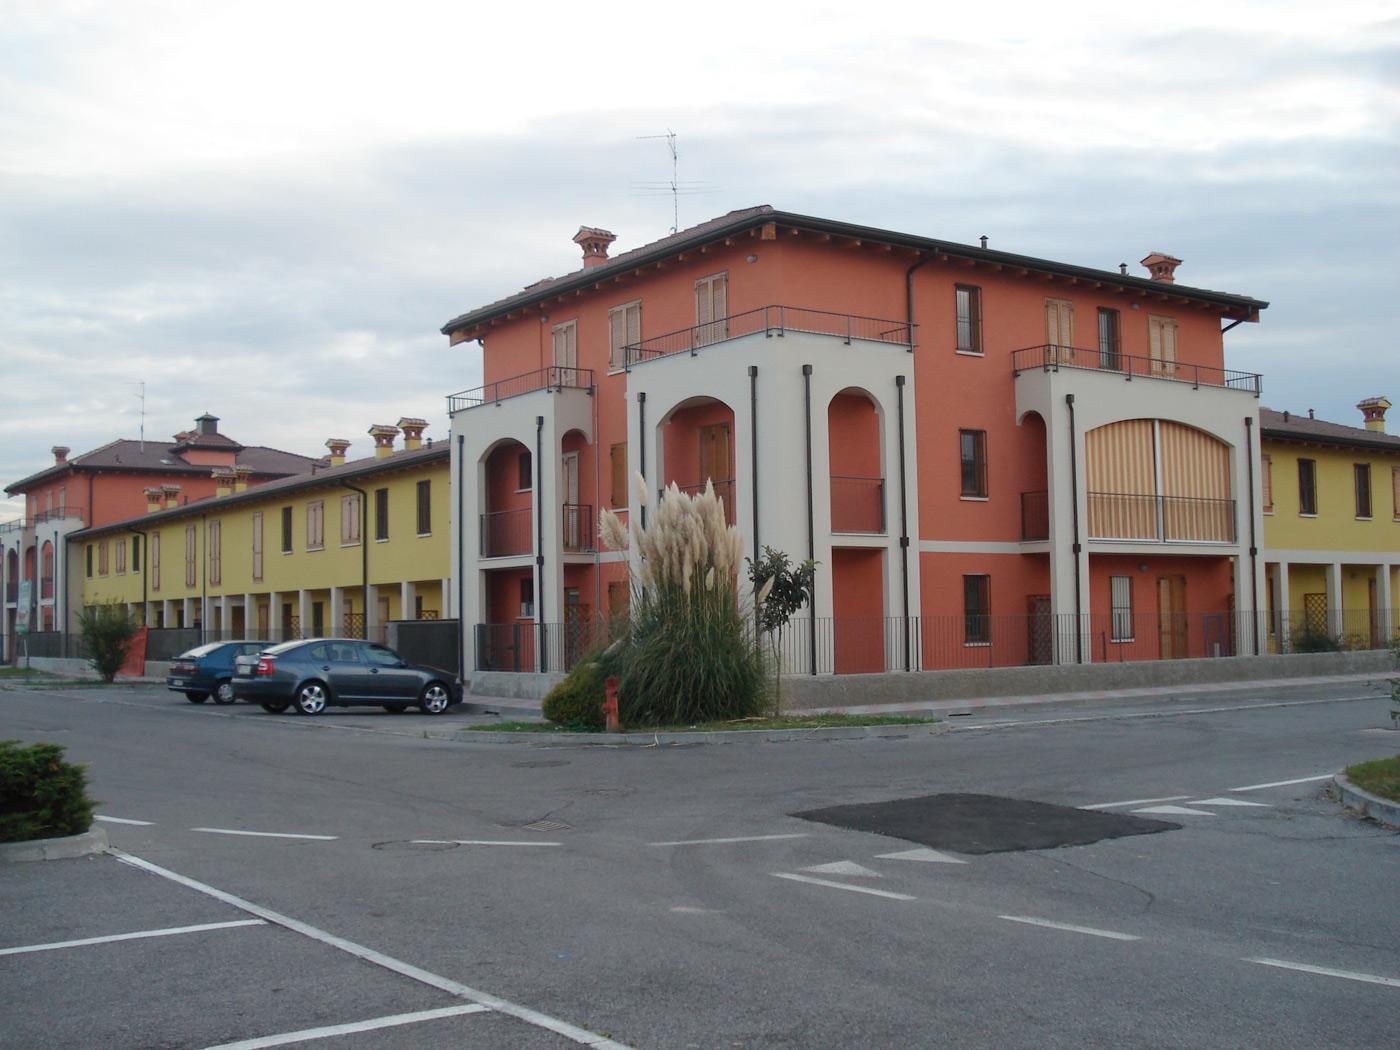 Residenza Ungaretti